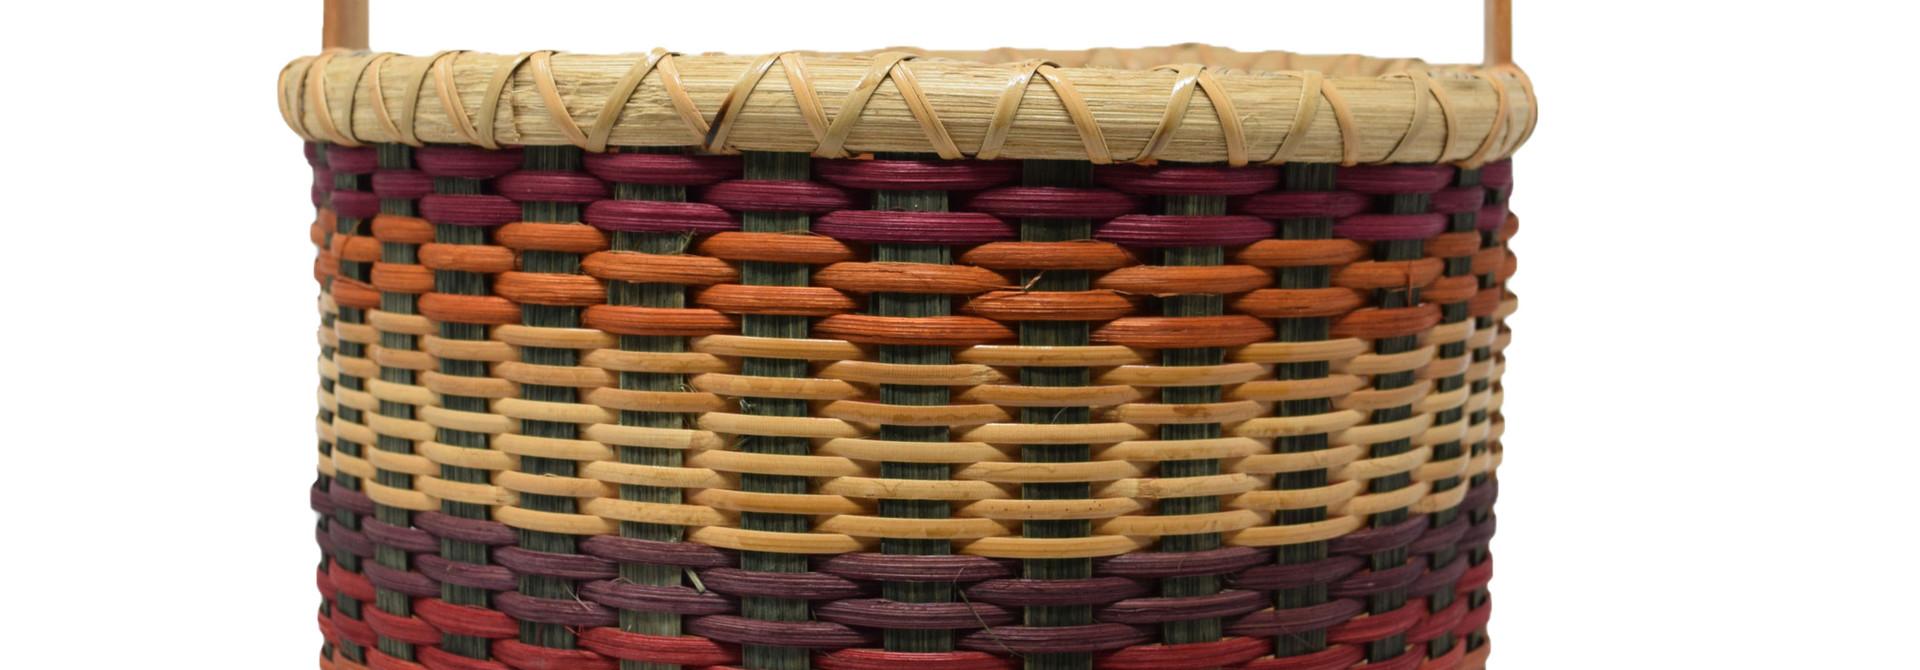 North Bound Basket